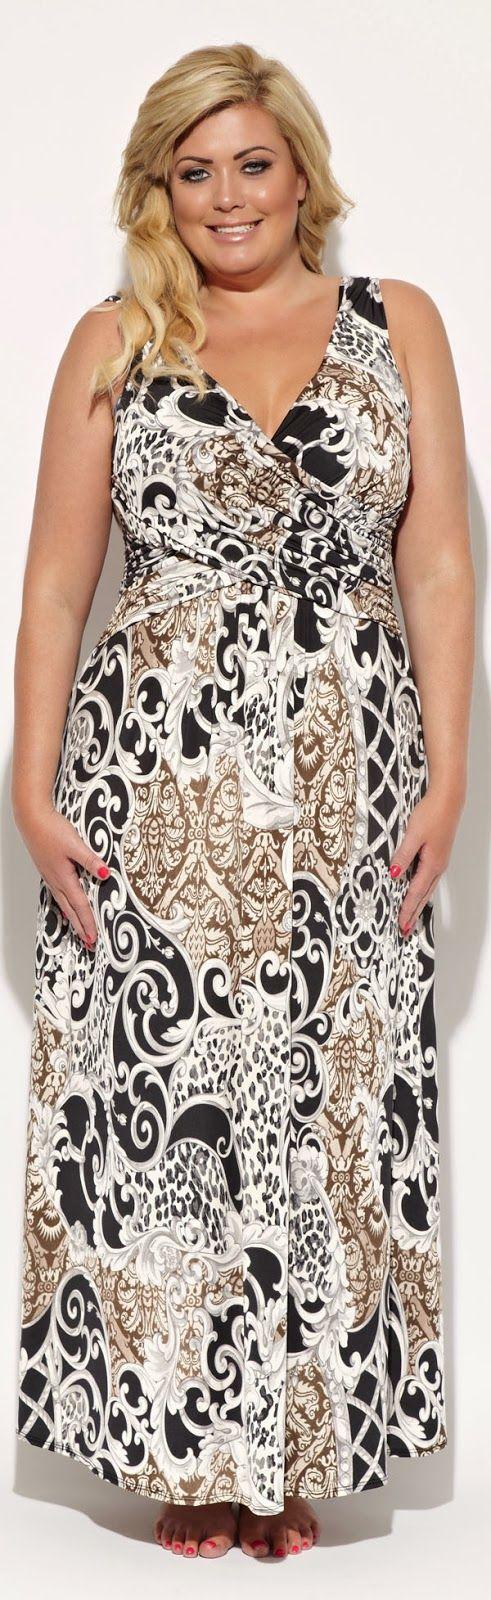 Lindos vestidos de fiesta para gorditas | Moda y tendencias                                                                                                                                                      Más